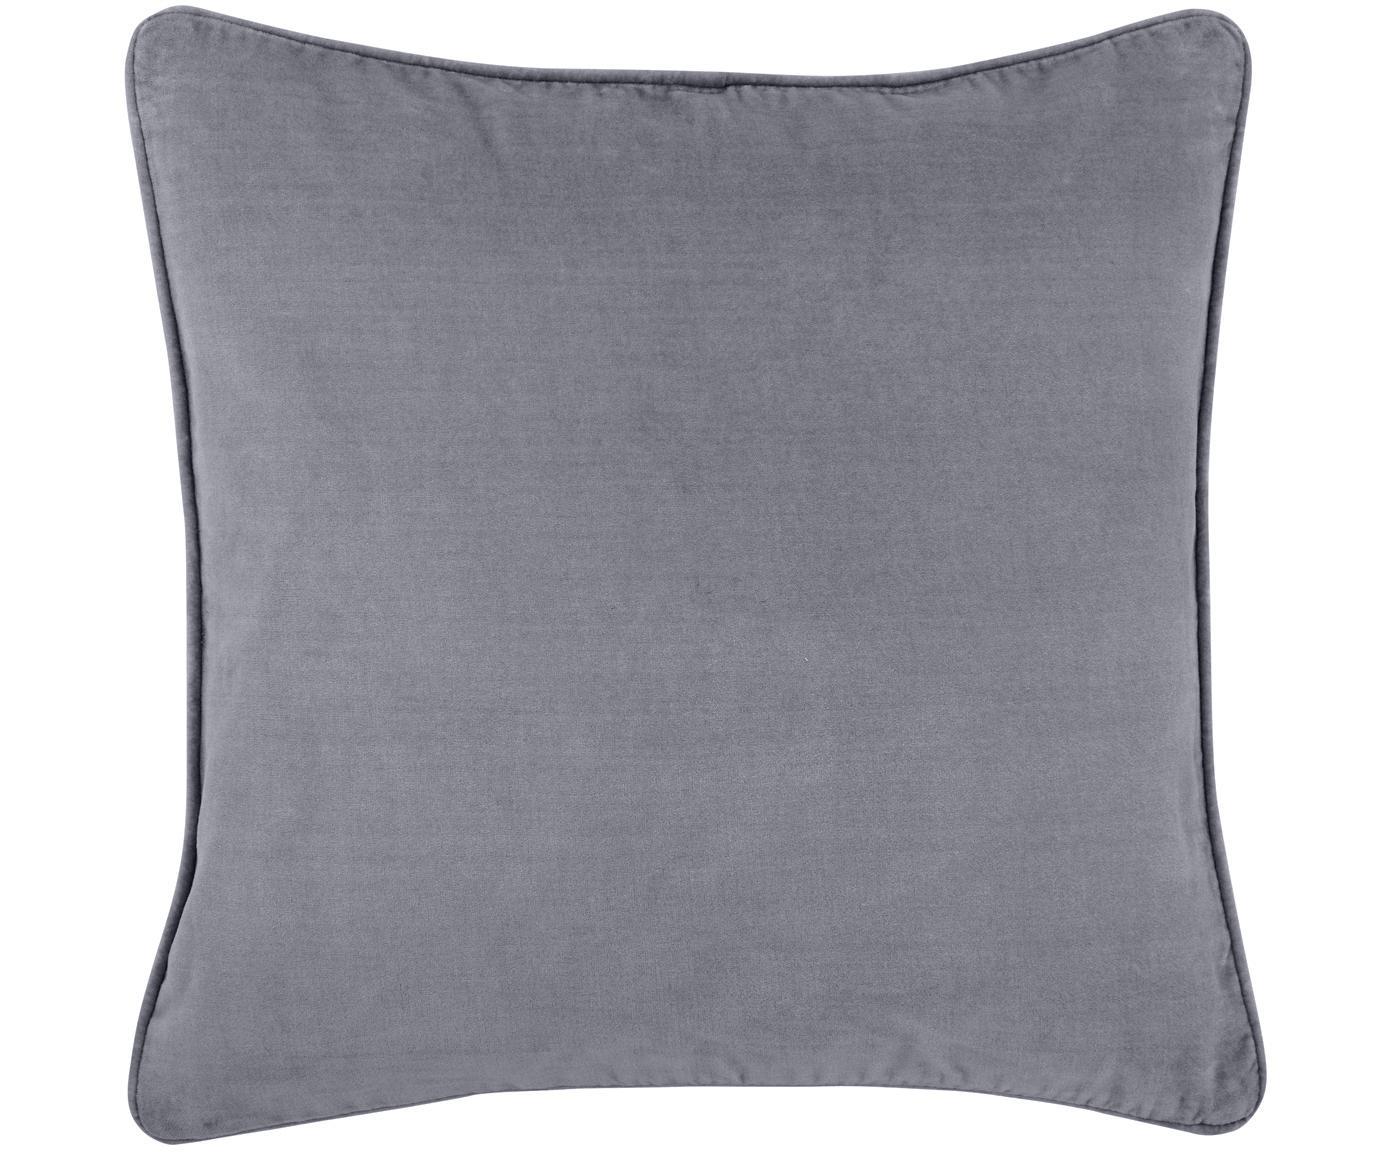 Funda de cojín de terciopelo Dana, Terciopelo de algodón, Gris oscuro, An 40 x L 40 cm